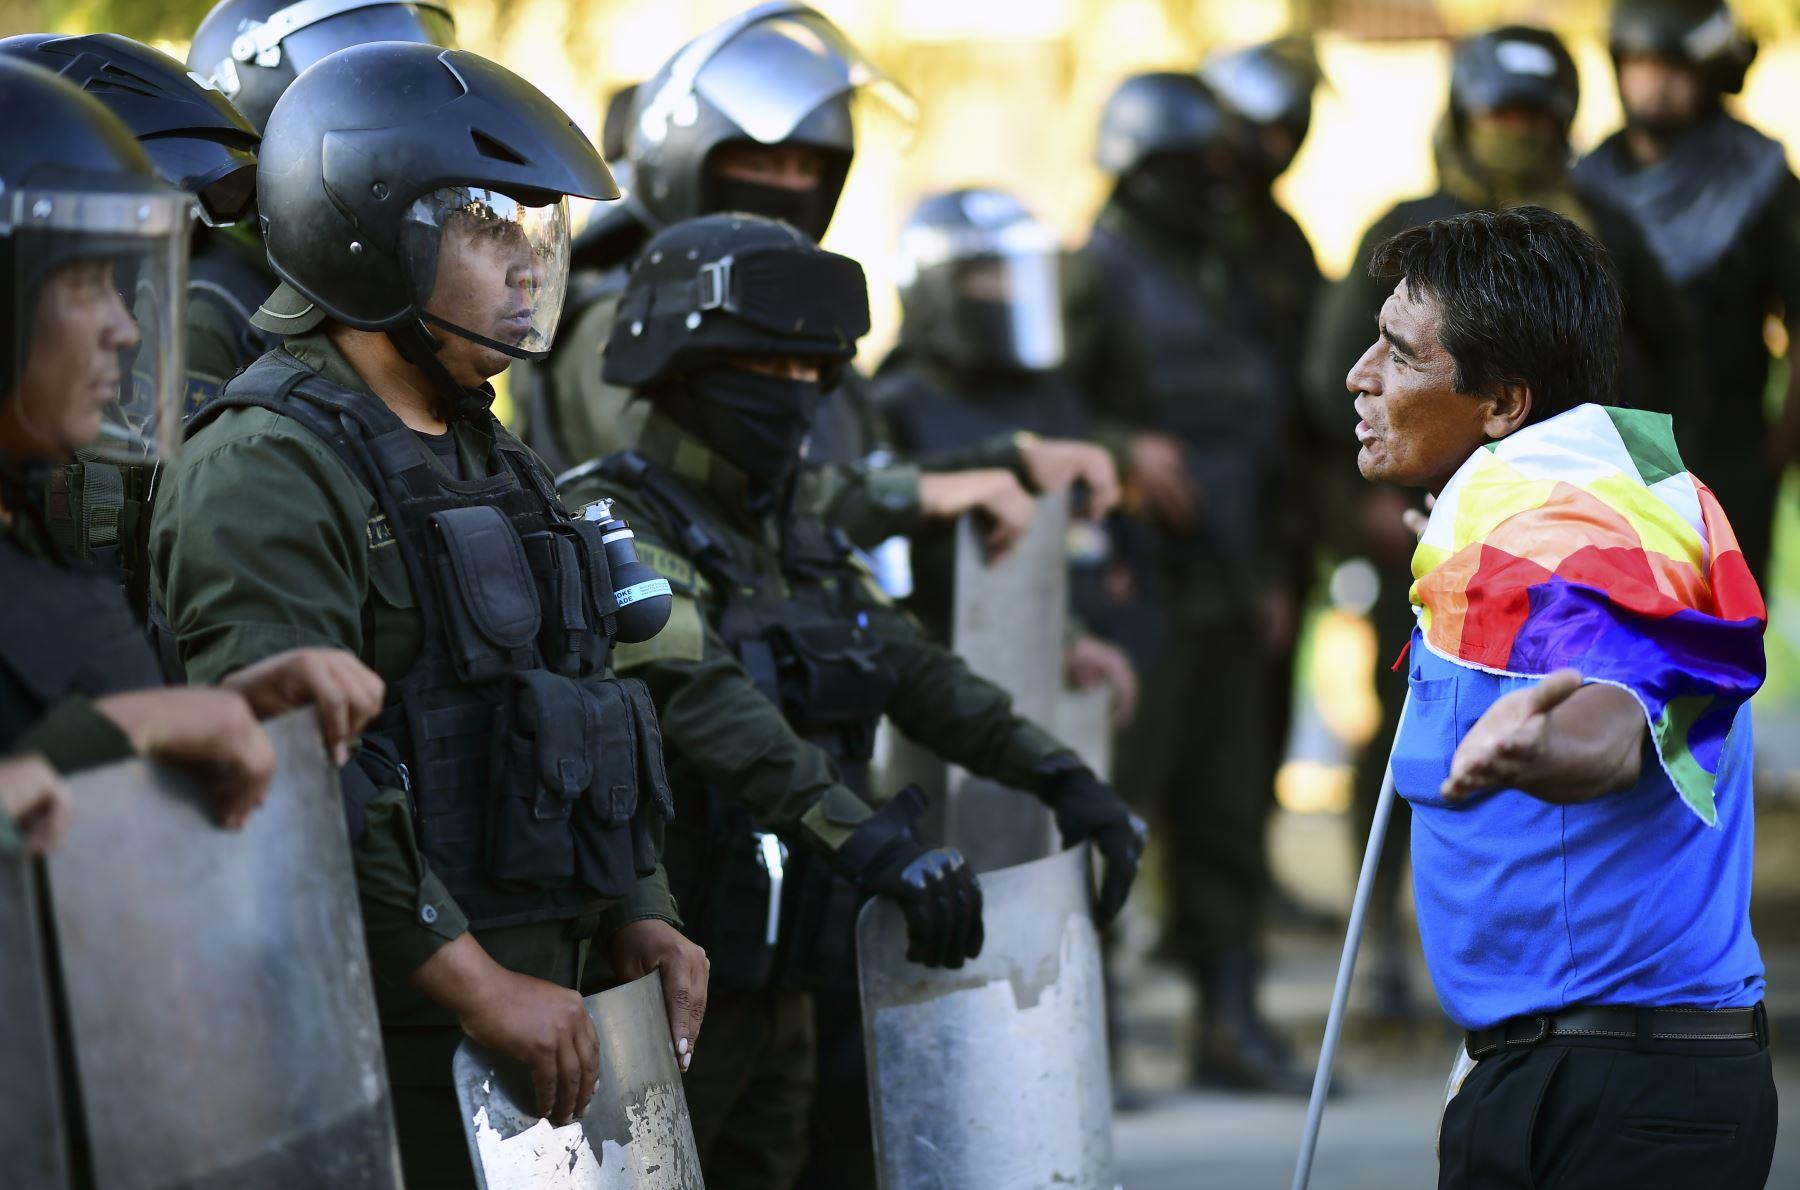 Partidarios del ex presidente boliviano Evo Morales, protestan contra el gobierno interino en La Paz. Foto: AFP